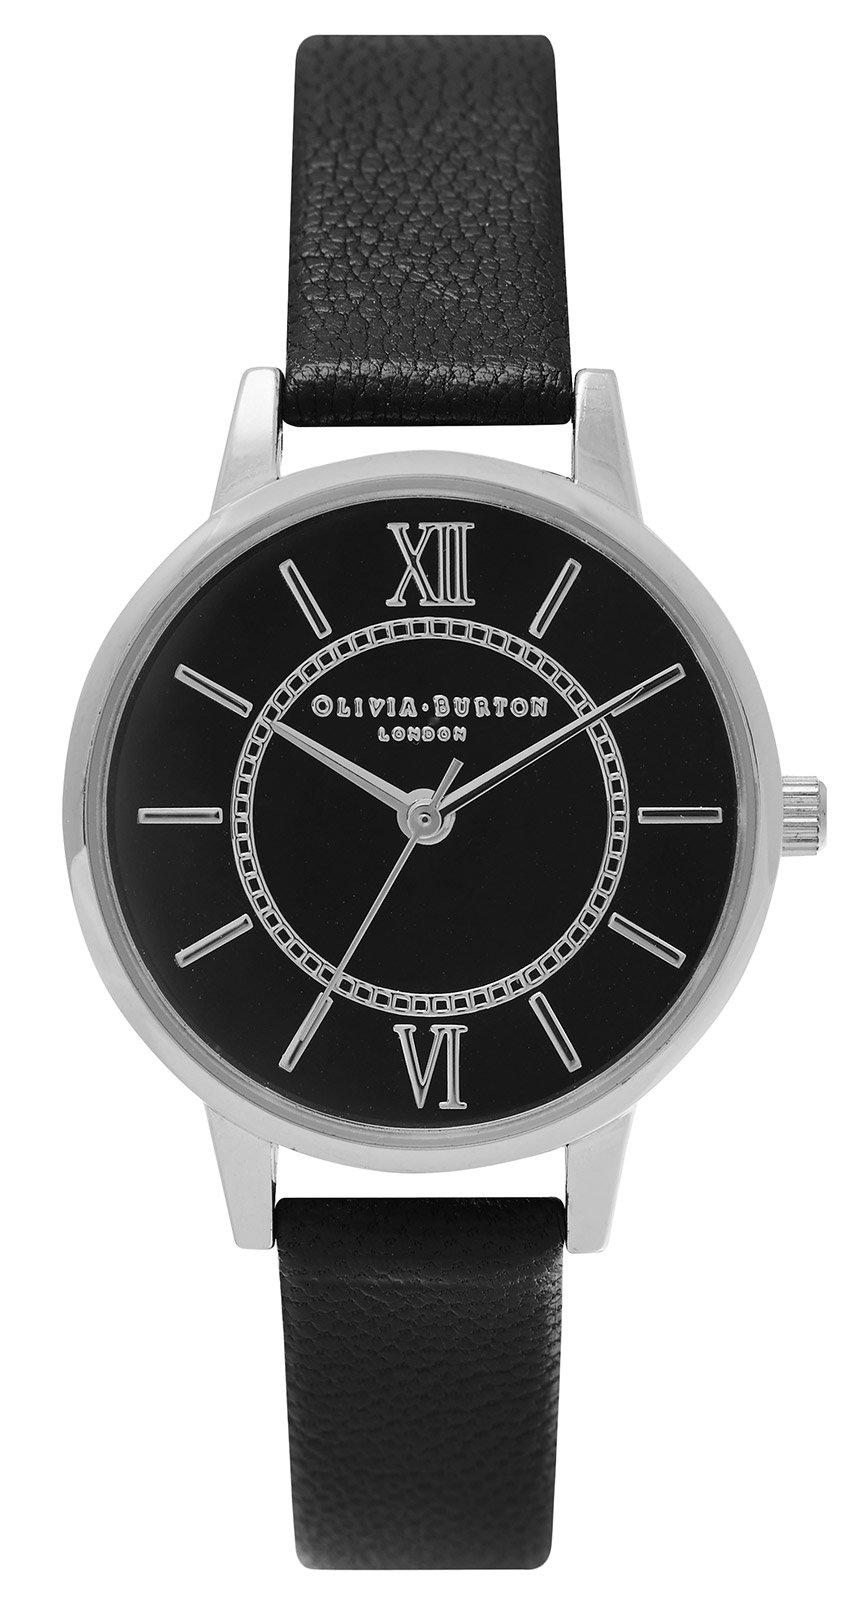 bei Uhrcenter: Olivia Burton OB15WD49 Wonderland Black & Silver Damenuhr - Damenuhr